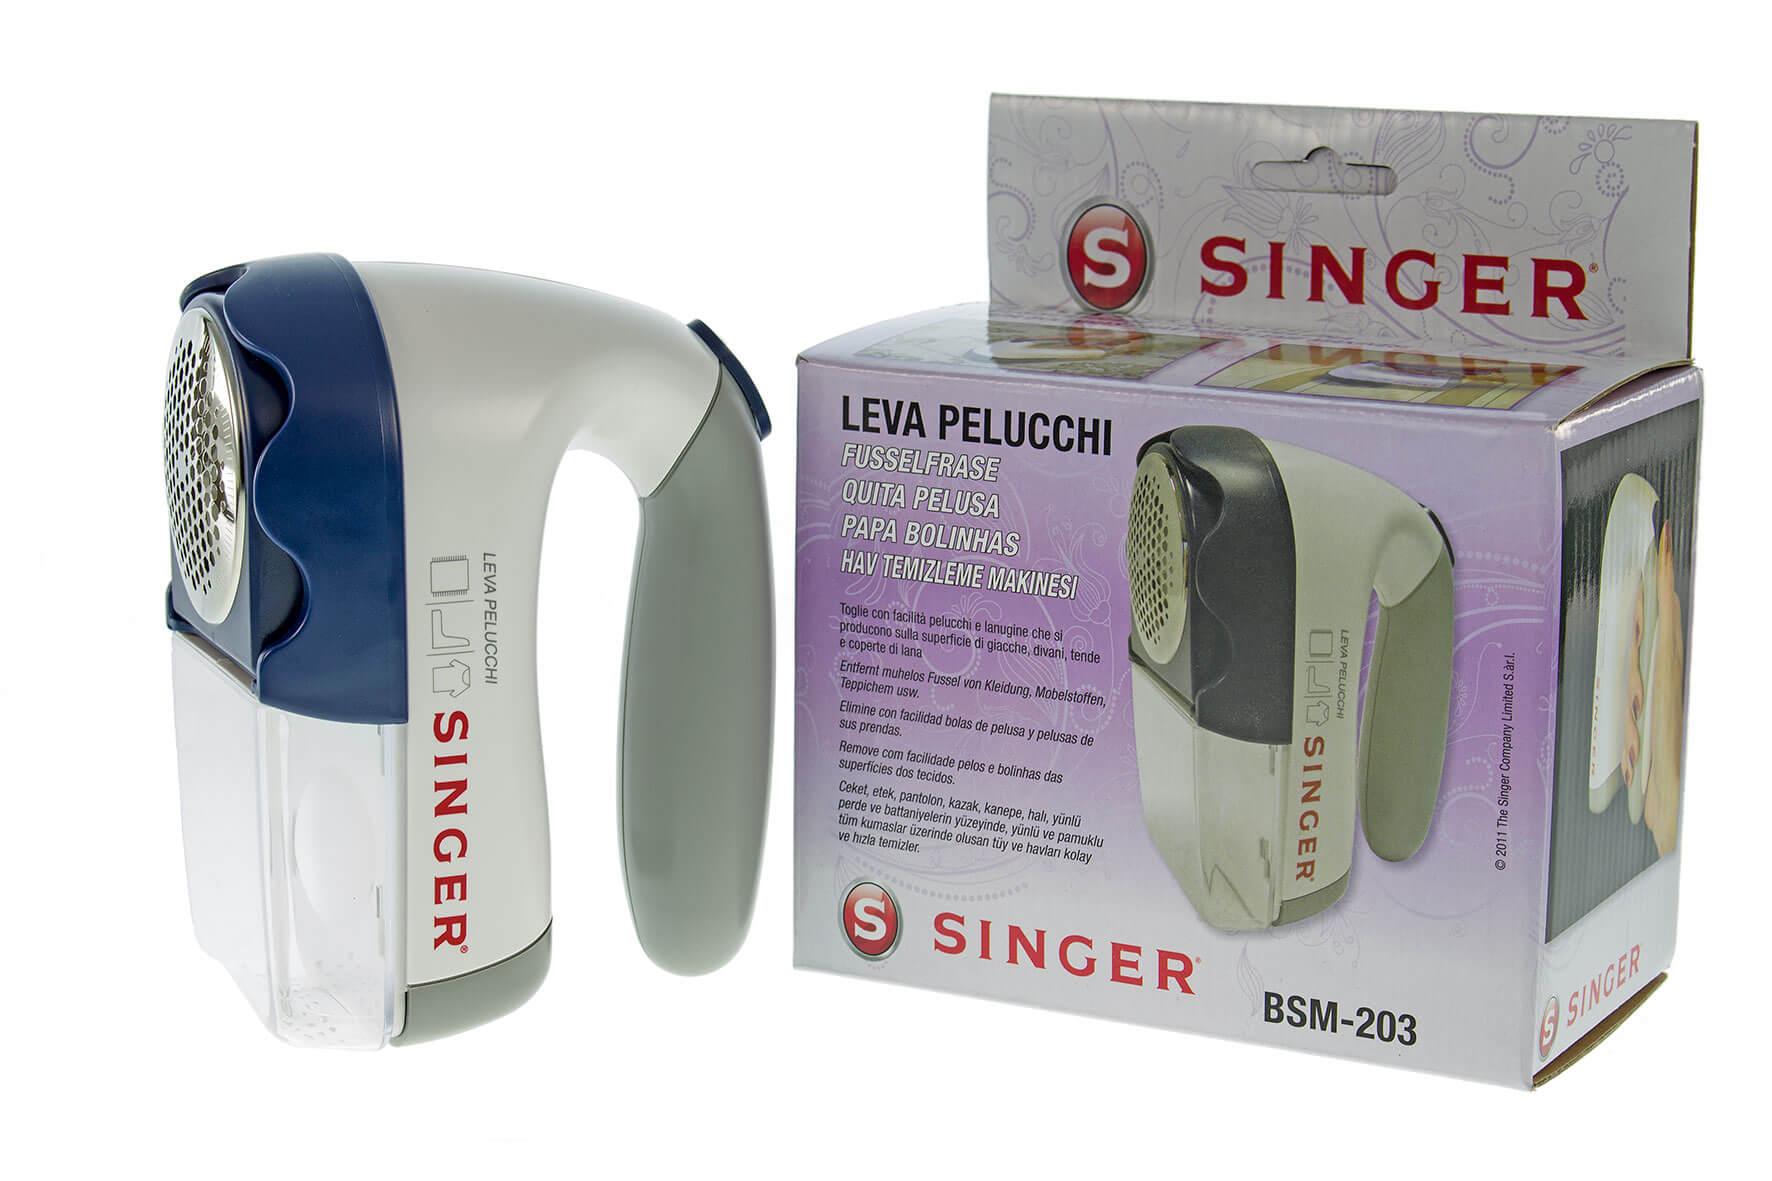 levapucchi-singer-bsm-203